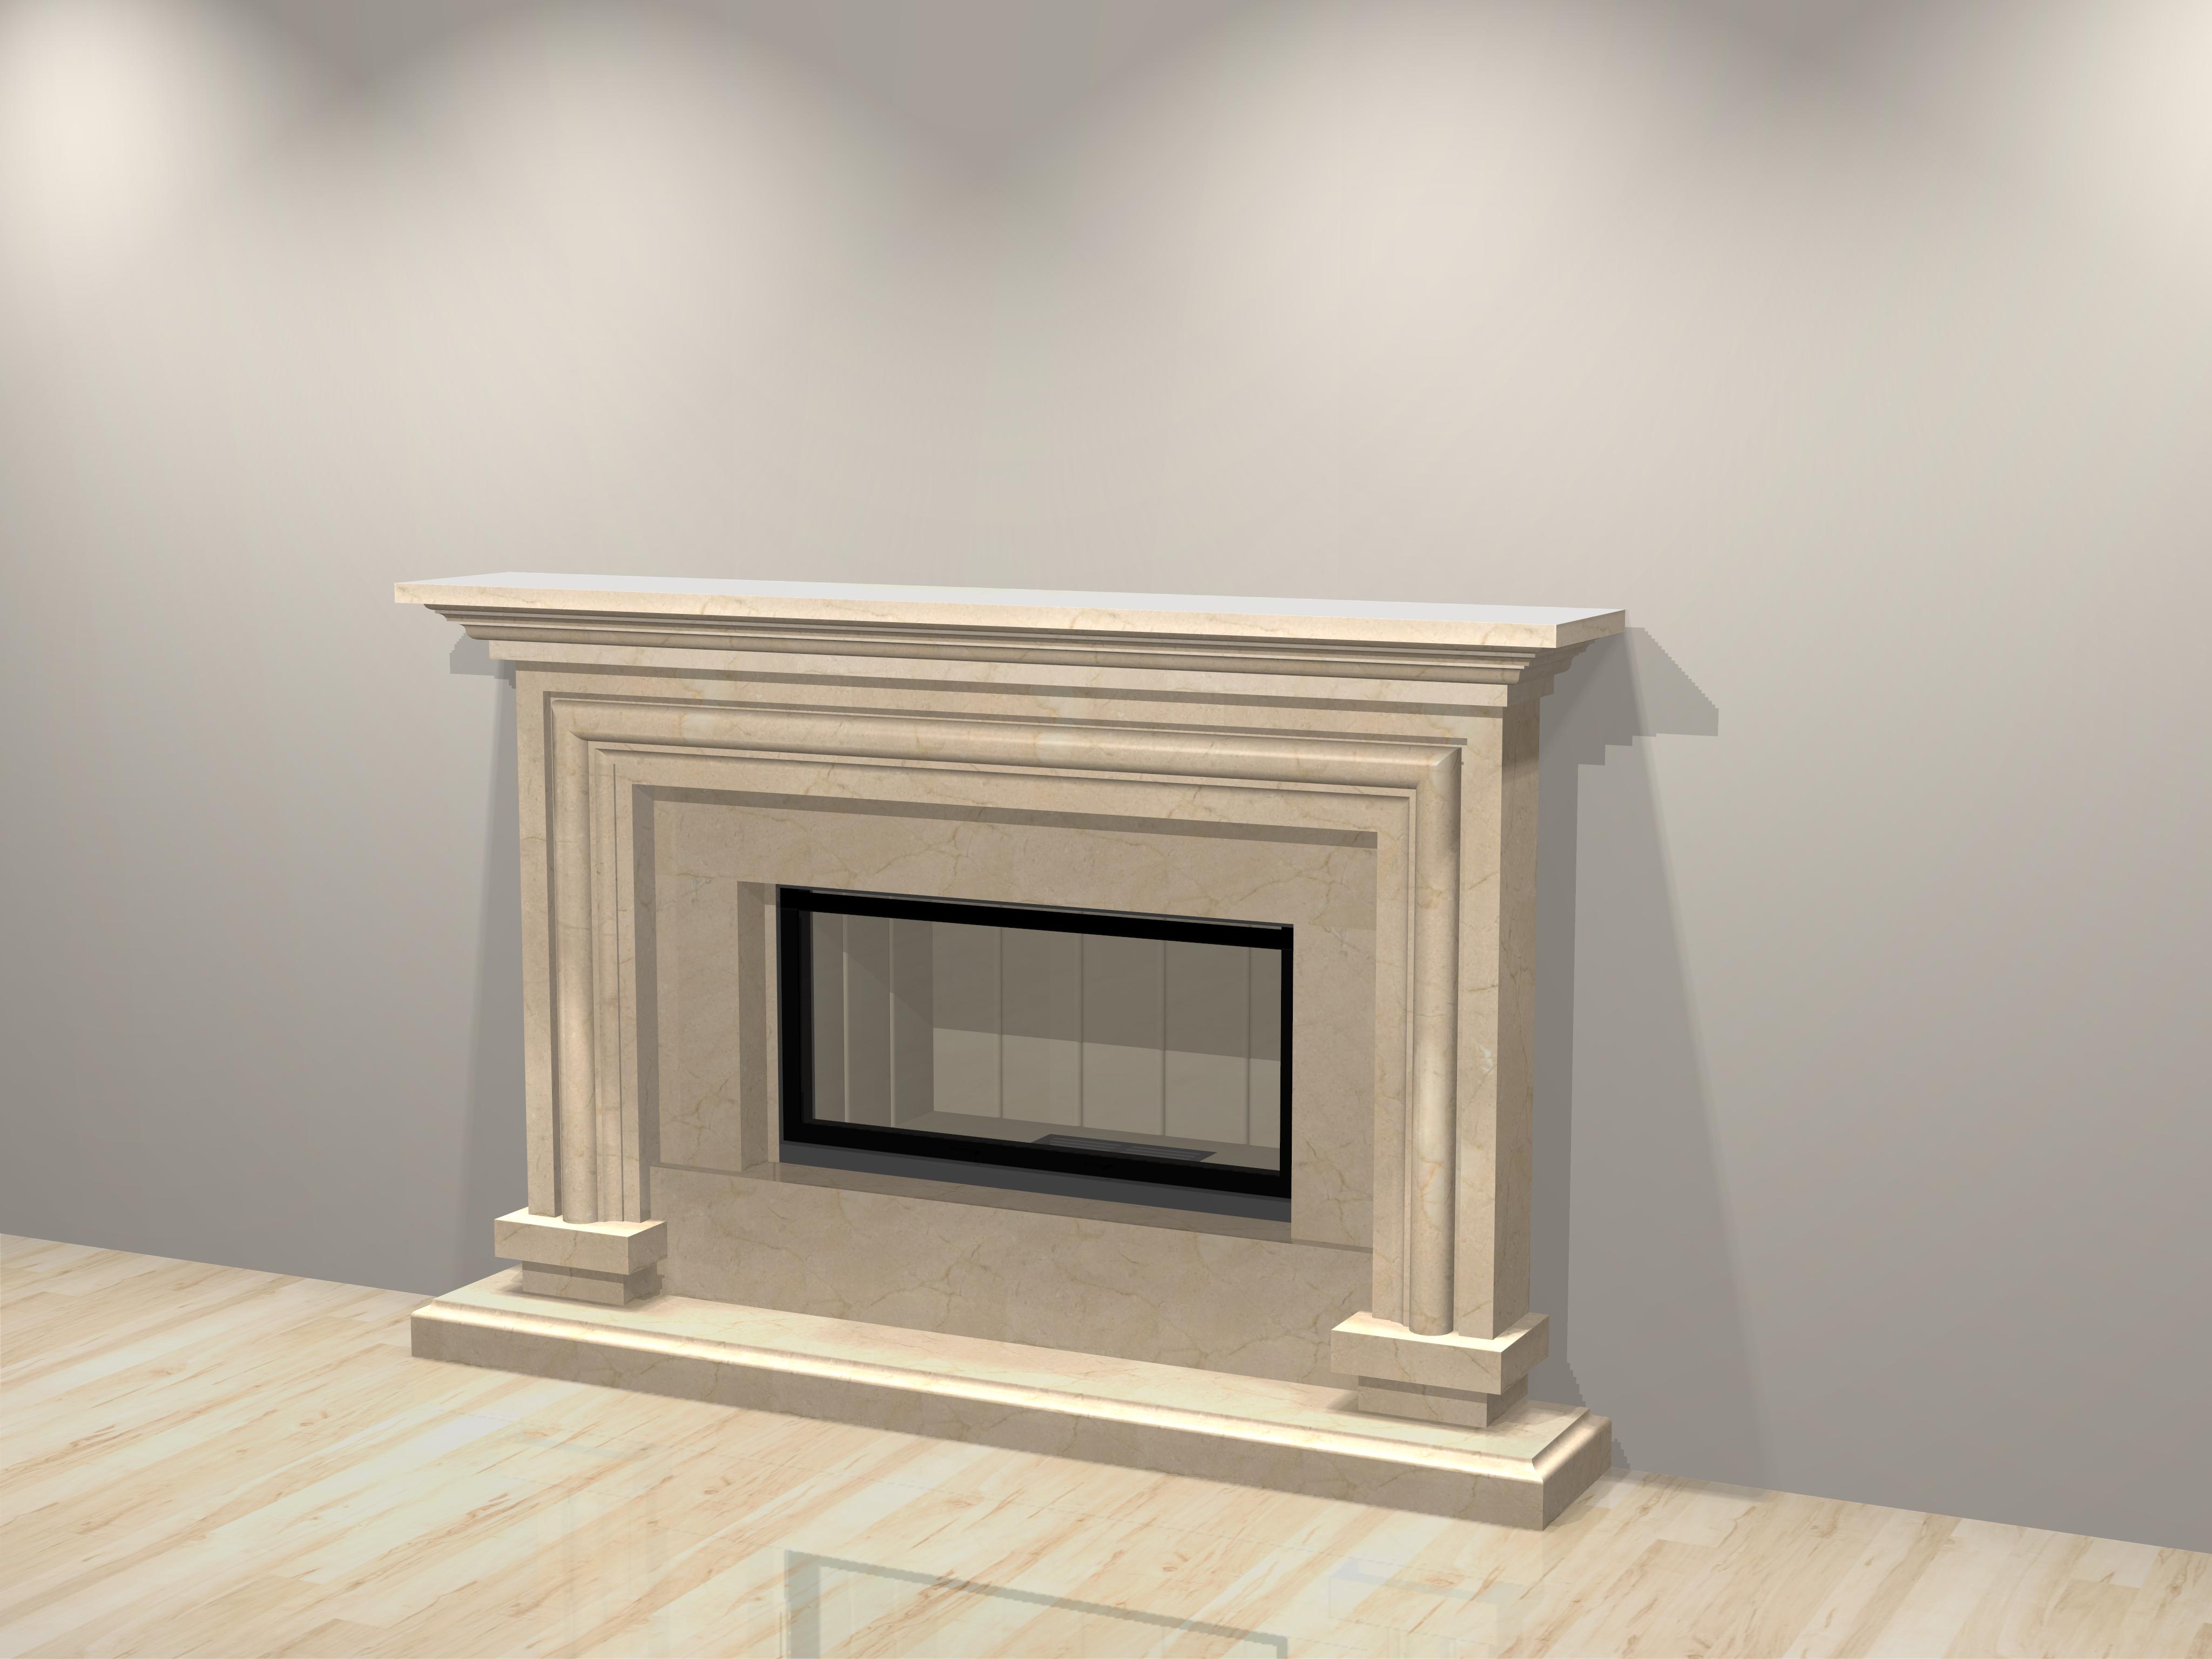 gaskamin portal c13 3 mit montage. Black Bedroom Furniture Sets. Home Design Ideas